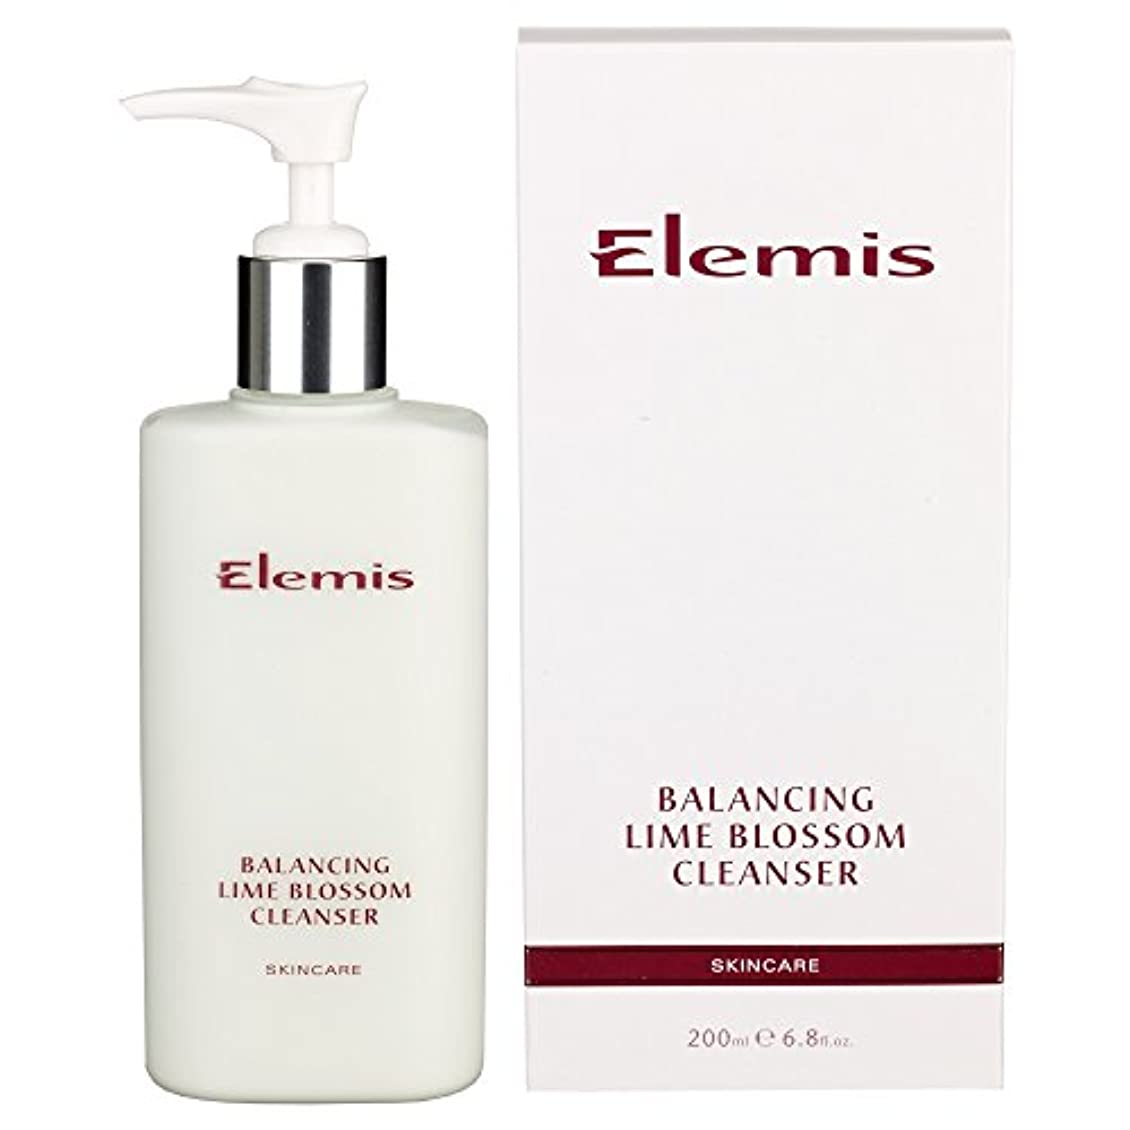 みなさんペルセウスシャーライムブロッサムクレンザーのバランスをとります (Elemis) (x6) - Balancing Lime Blossom Cleanser (Pack of 6) [並行輸入品]